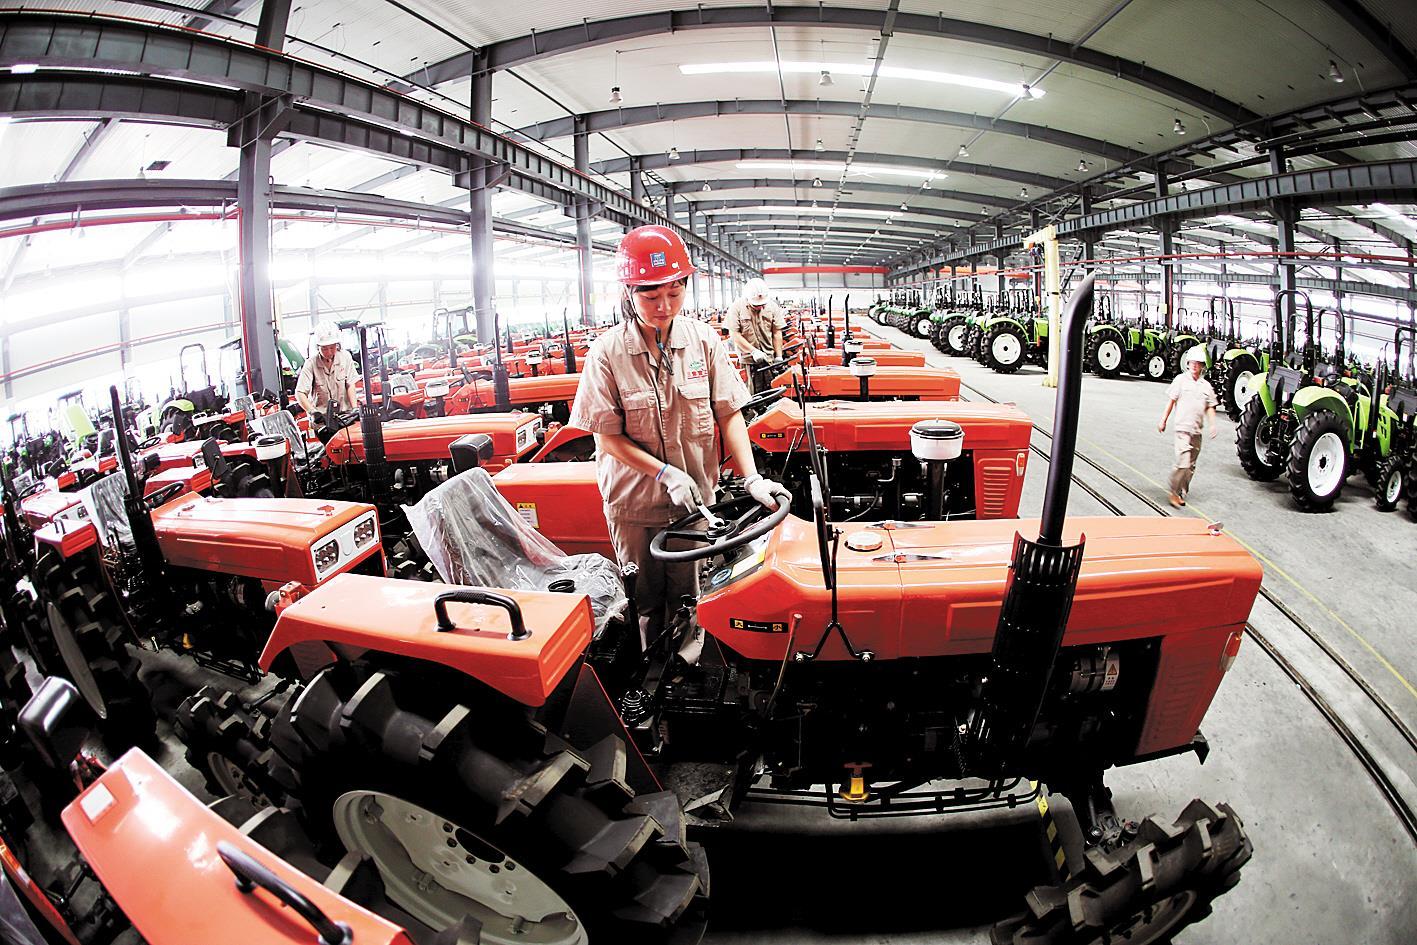 农机共享 配套升级 检测发力—— 京山农机产业强势崛起